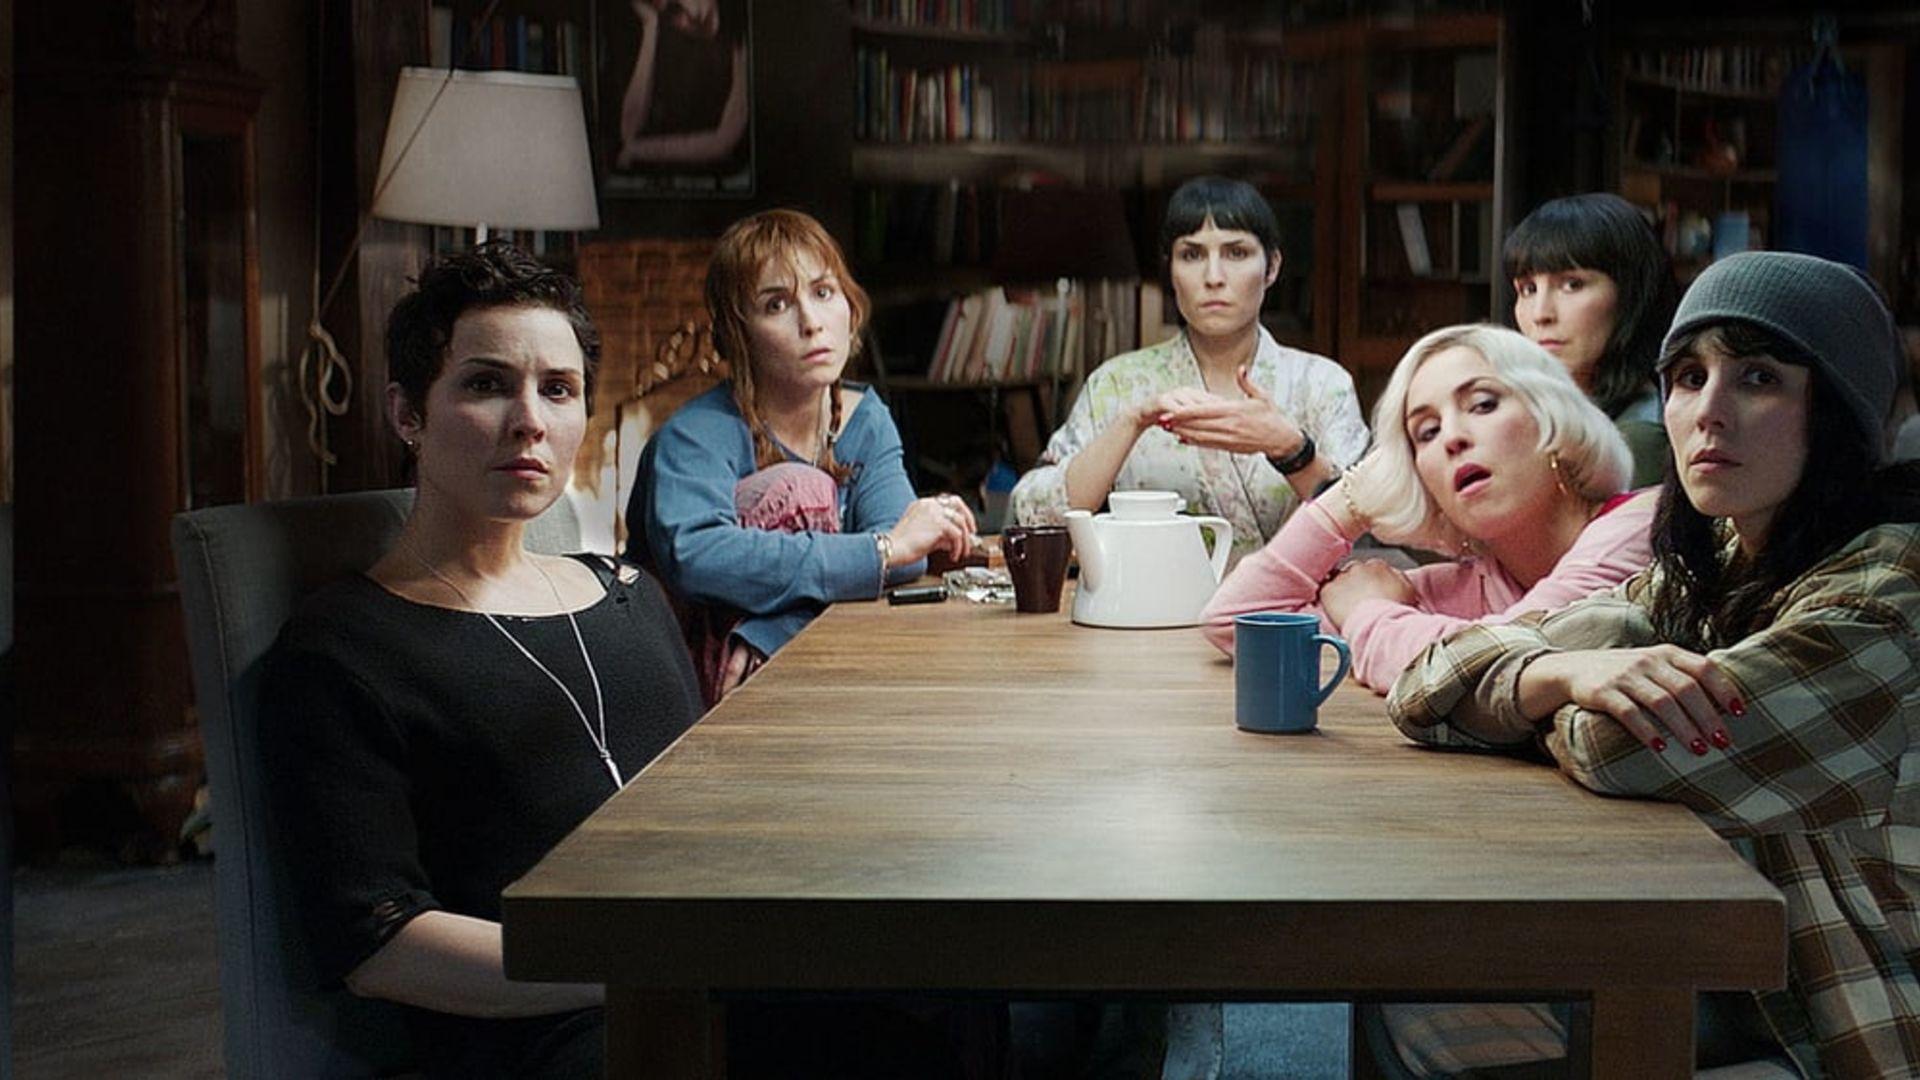 Фантастические фильмы, которые будет интересно смотреть многим женщинам